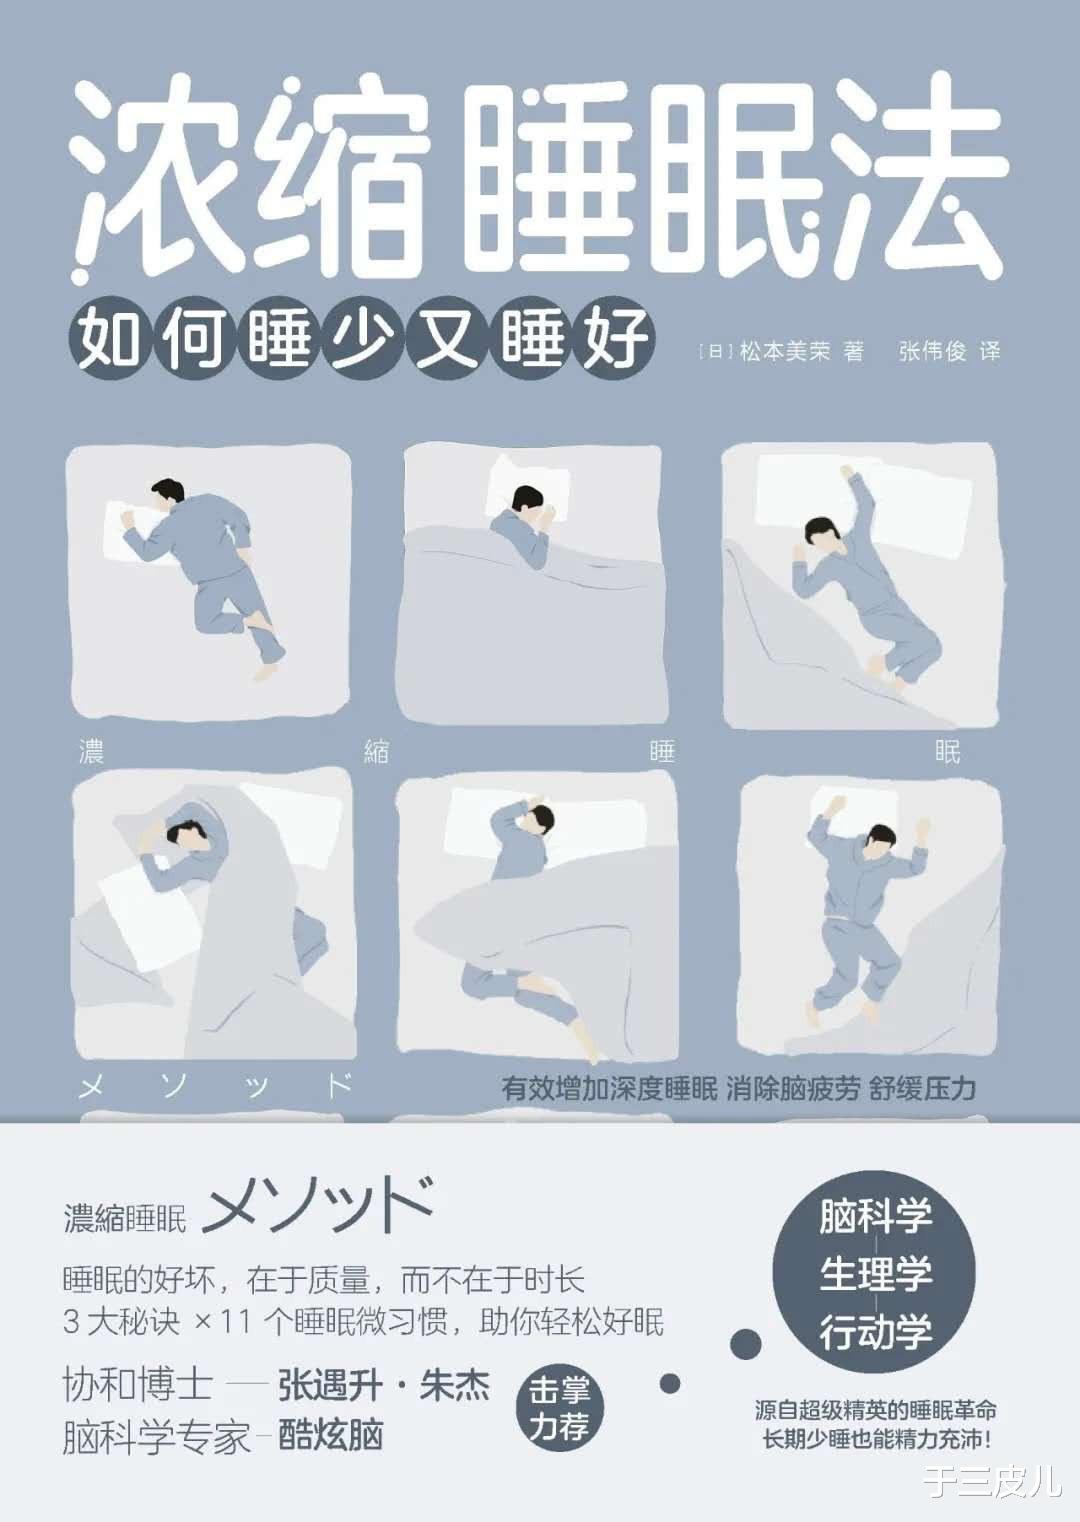 你有睡眠障碍吗?失眠、疲劳、入睡浅?浓缩睡眠法让你睡少又睡好